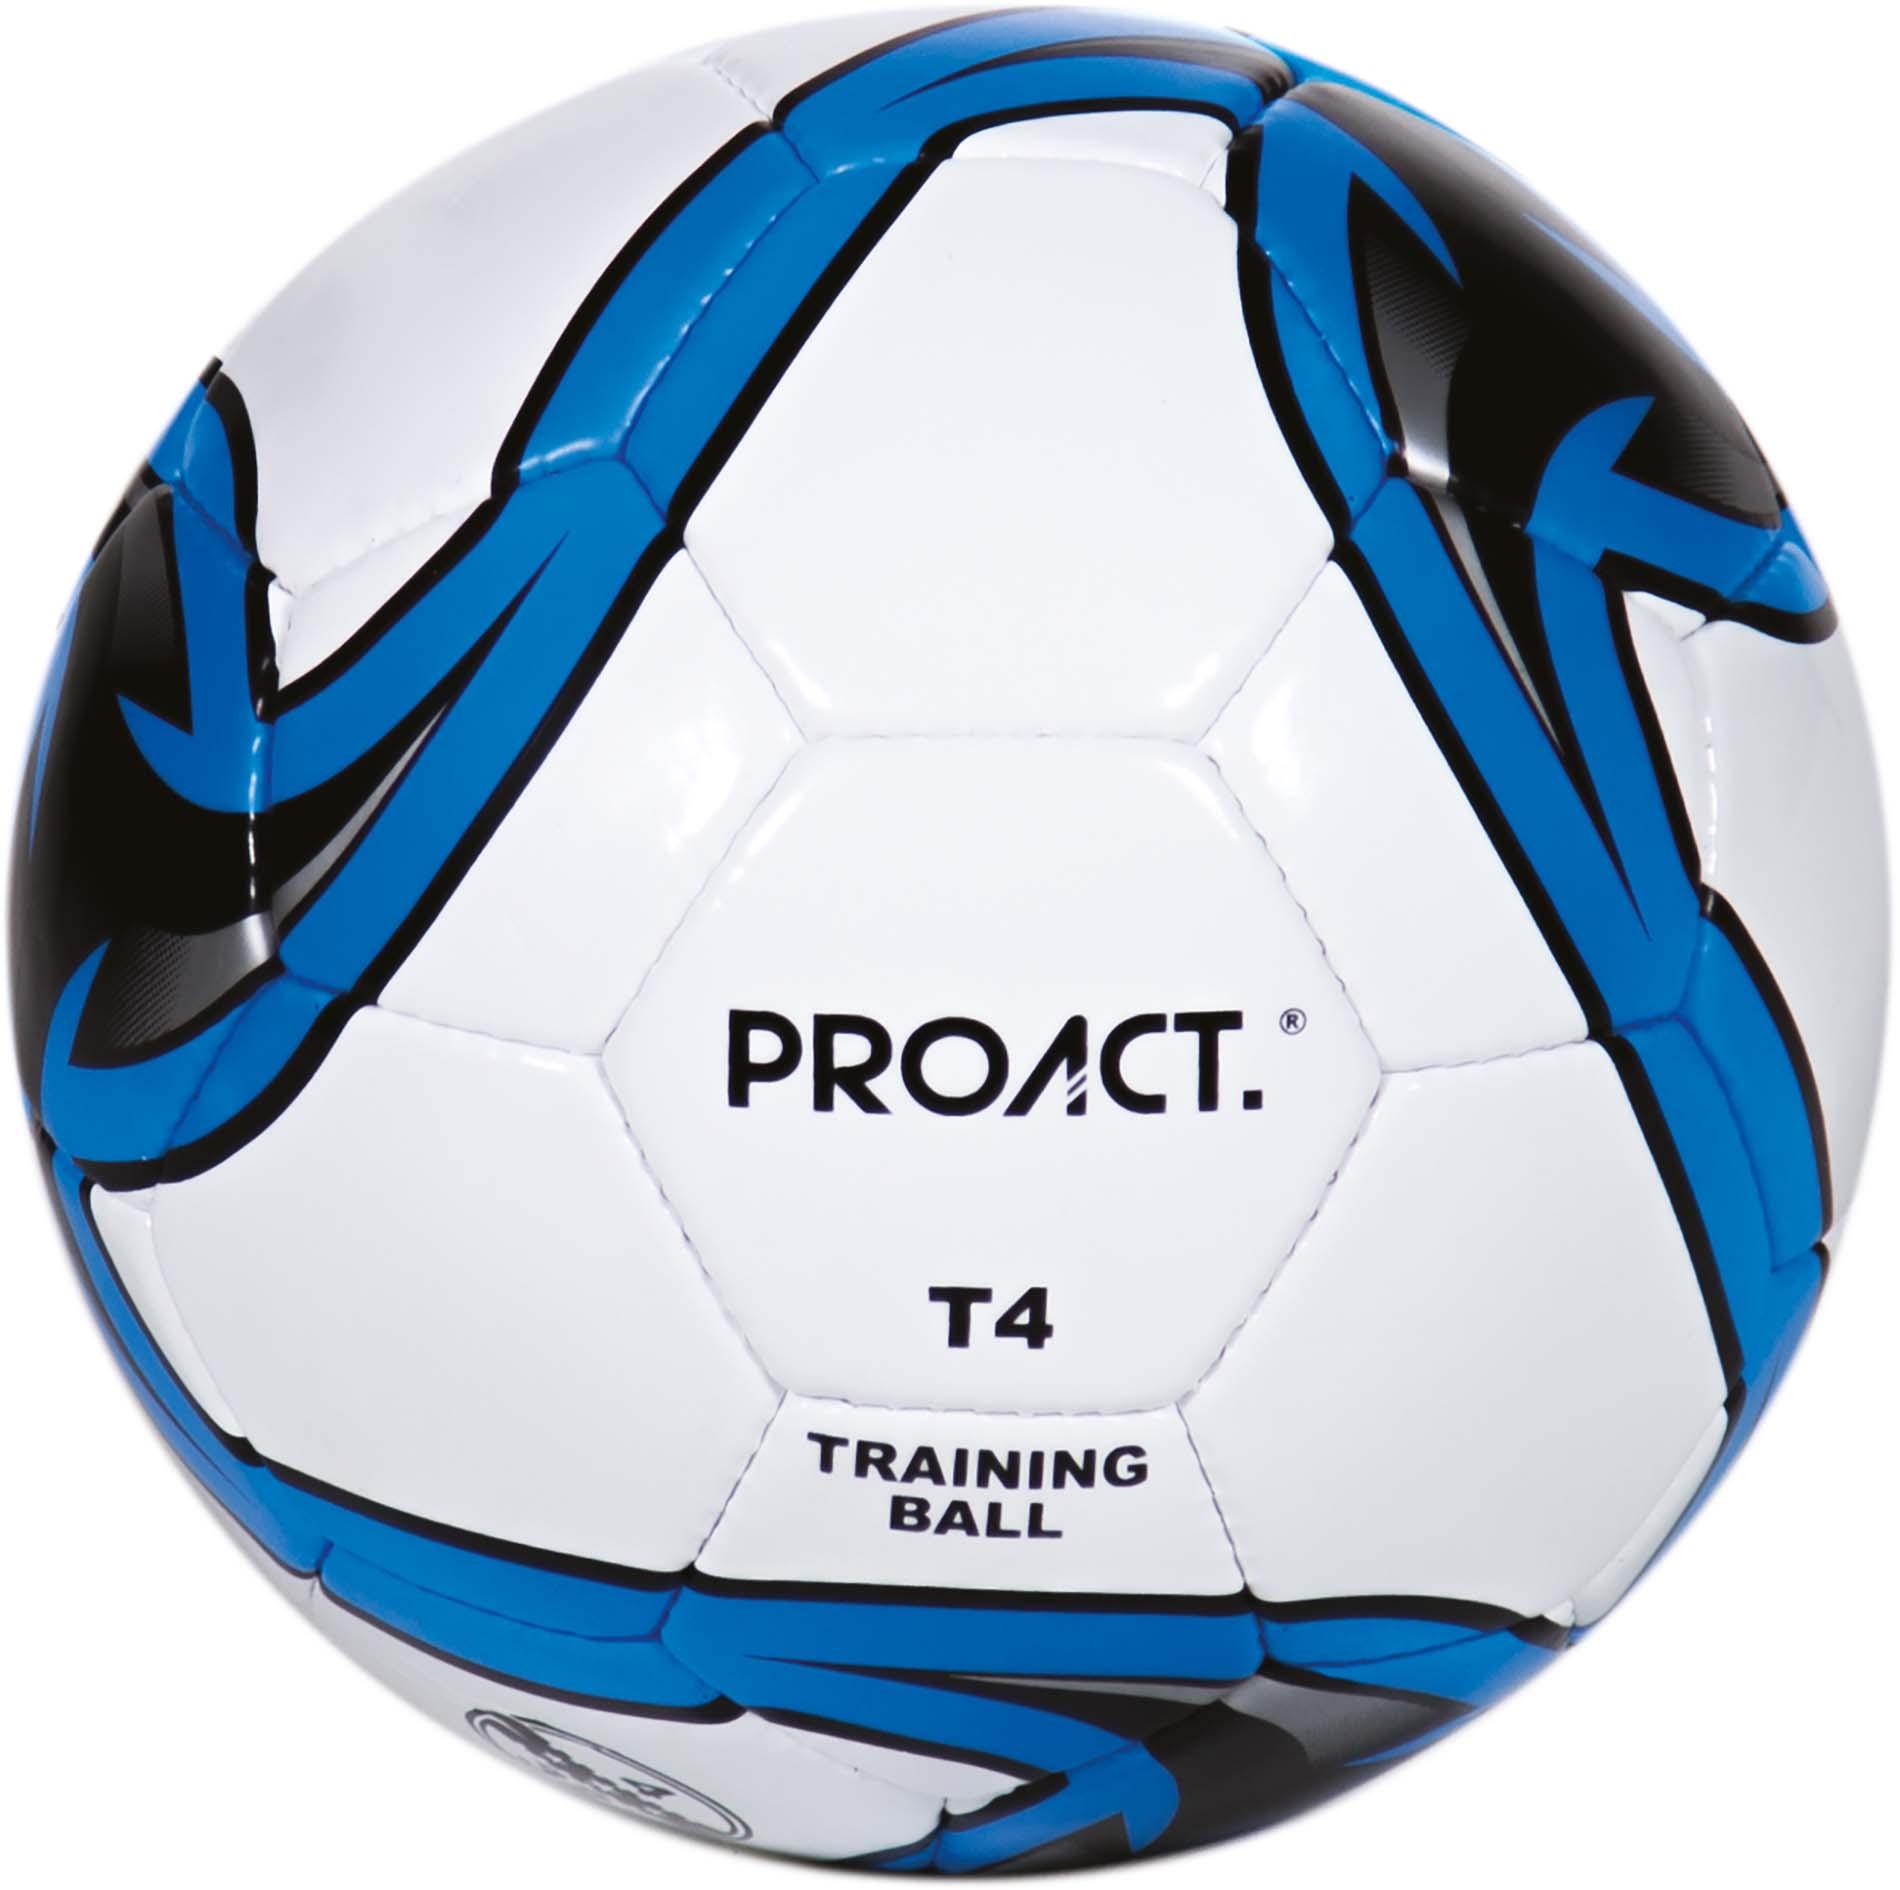 Proact Ballon football Glider 2 taille 4